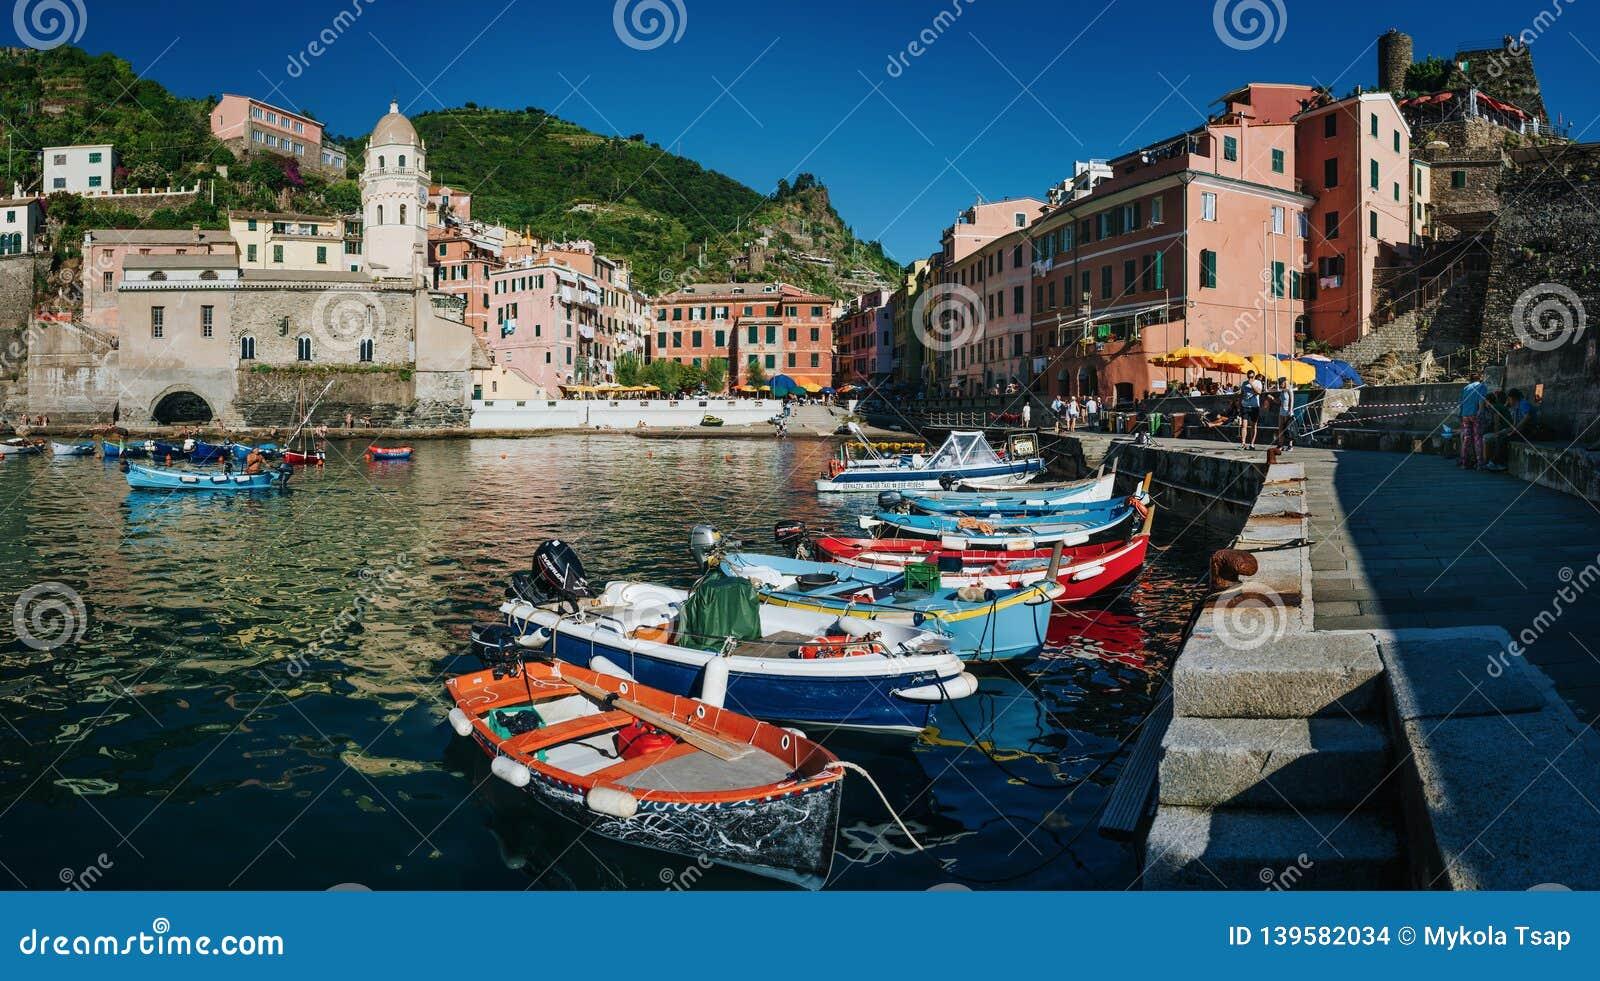 Motor Village La >> Vernazza Italy June 20 2016 Motor Boats Moored In